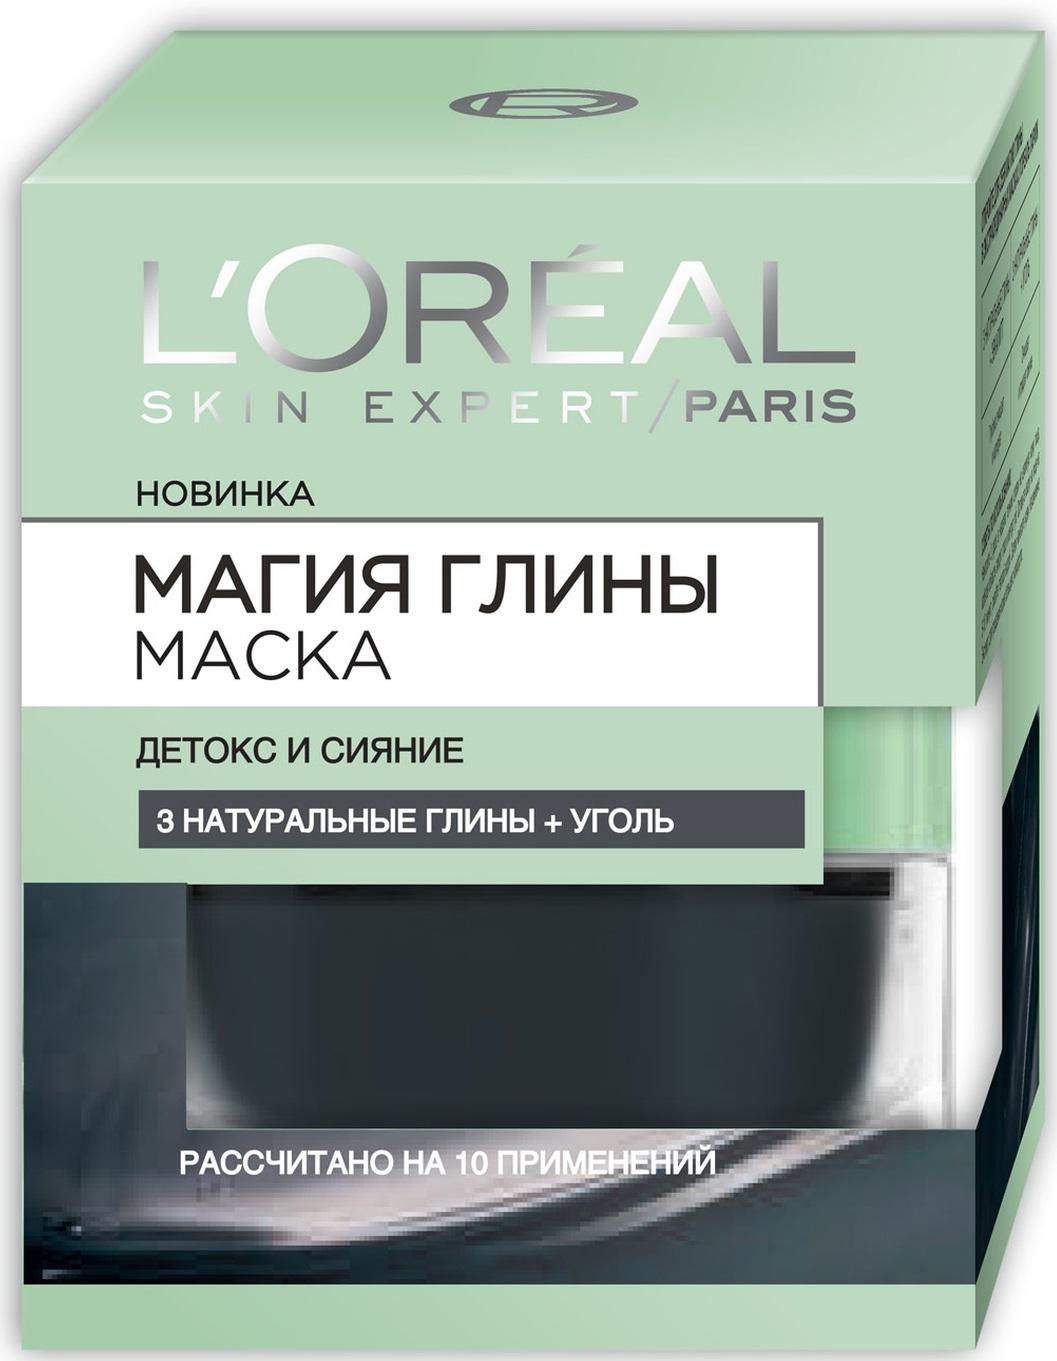 LOreal Paris Маска для лица Магия Глины детокс и сияние, с углем, для всех типов кожи, 50 млA8904900Маска для лица «Магия глины — Детокс и Сияние» борется с токсинами и возвращает естественное сияние кожи.В ее составе 3 натуральные очищающие глины и уголь, подобно магниту вытягивающий загрязнения: 1. Каолин - глина, насыщенная силикатами,эффективно поглощает загрязнения и борется с жирным блеском. 2. Гассул-глина, богатая микроэлементами, возвращает свежий и здоровый цвет лица.3. Монтмориллонит - глина, в состав которой входят полезные минералы, целенаправлено борется с несовершенствами кожи.